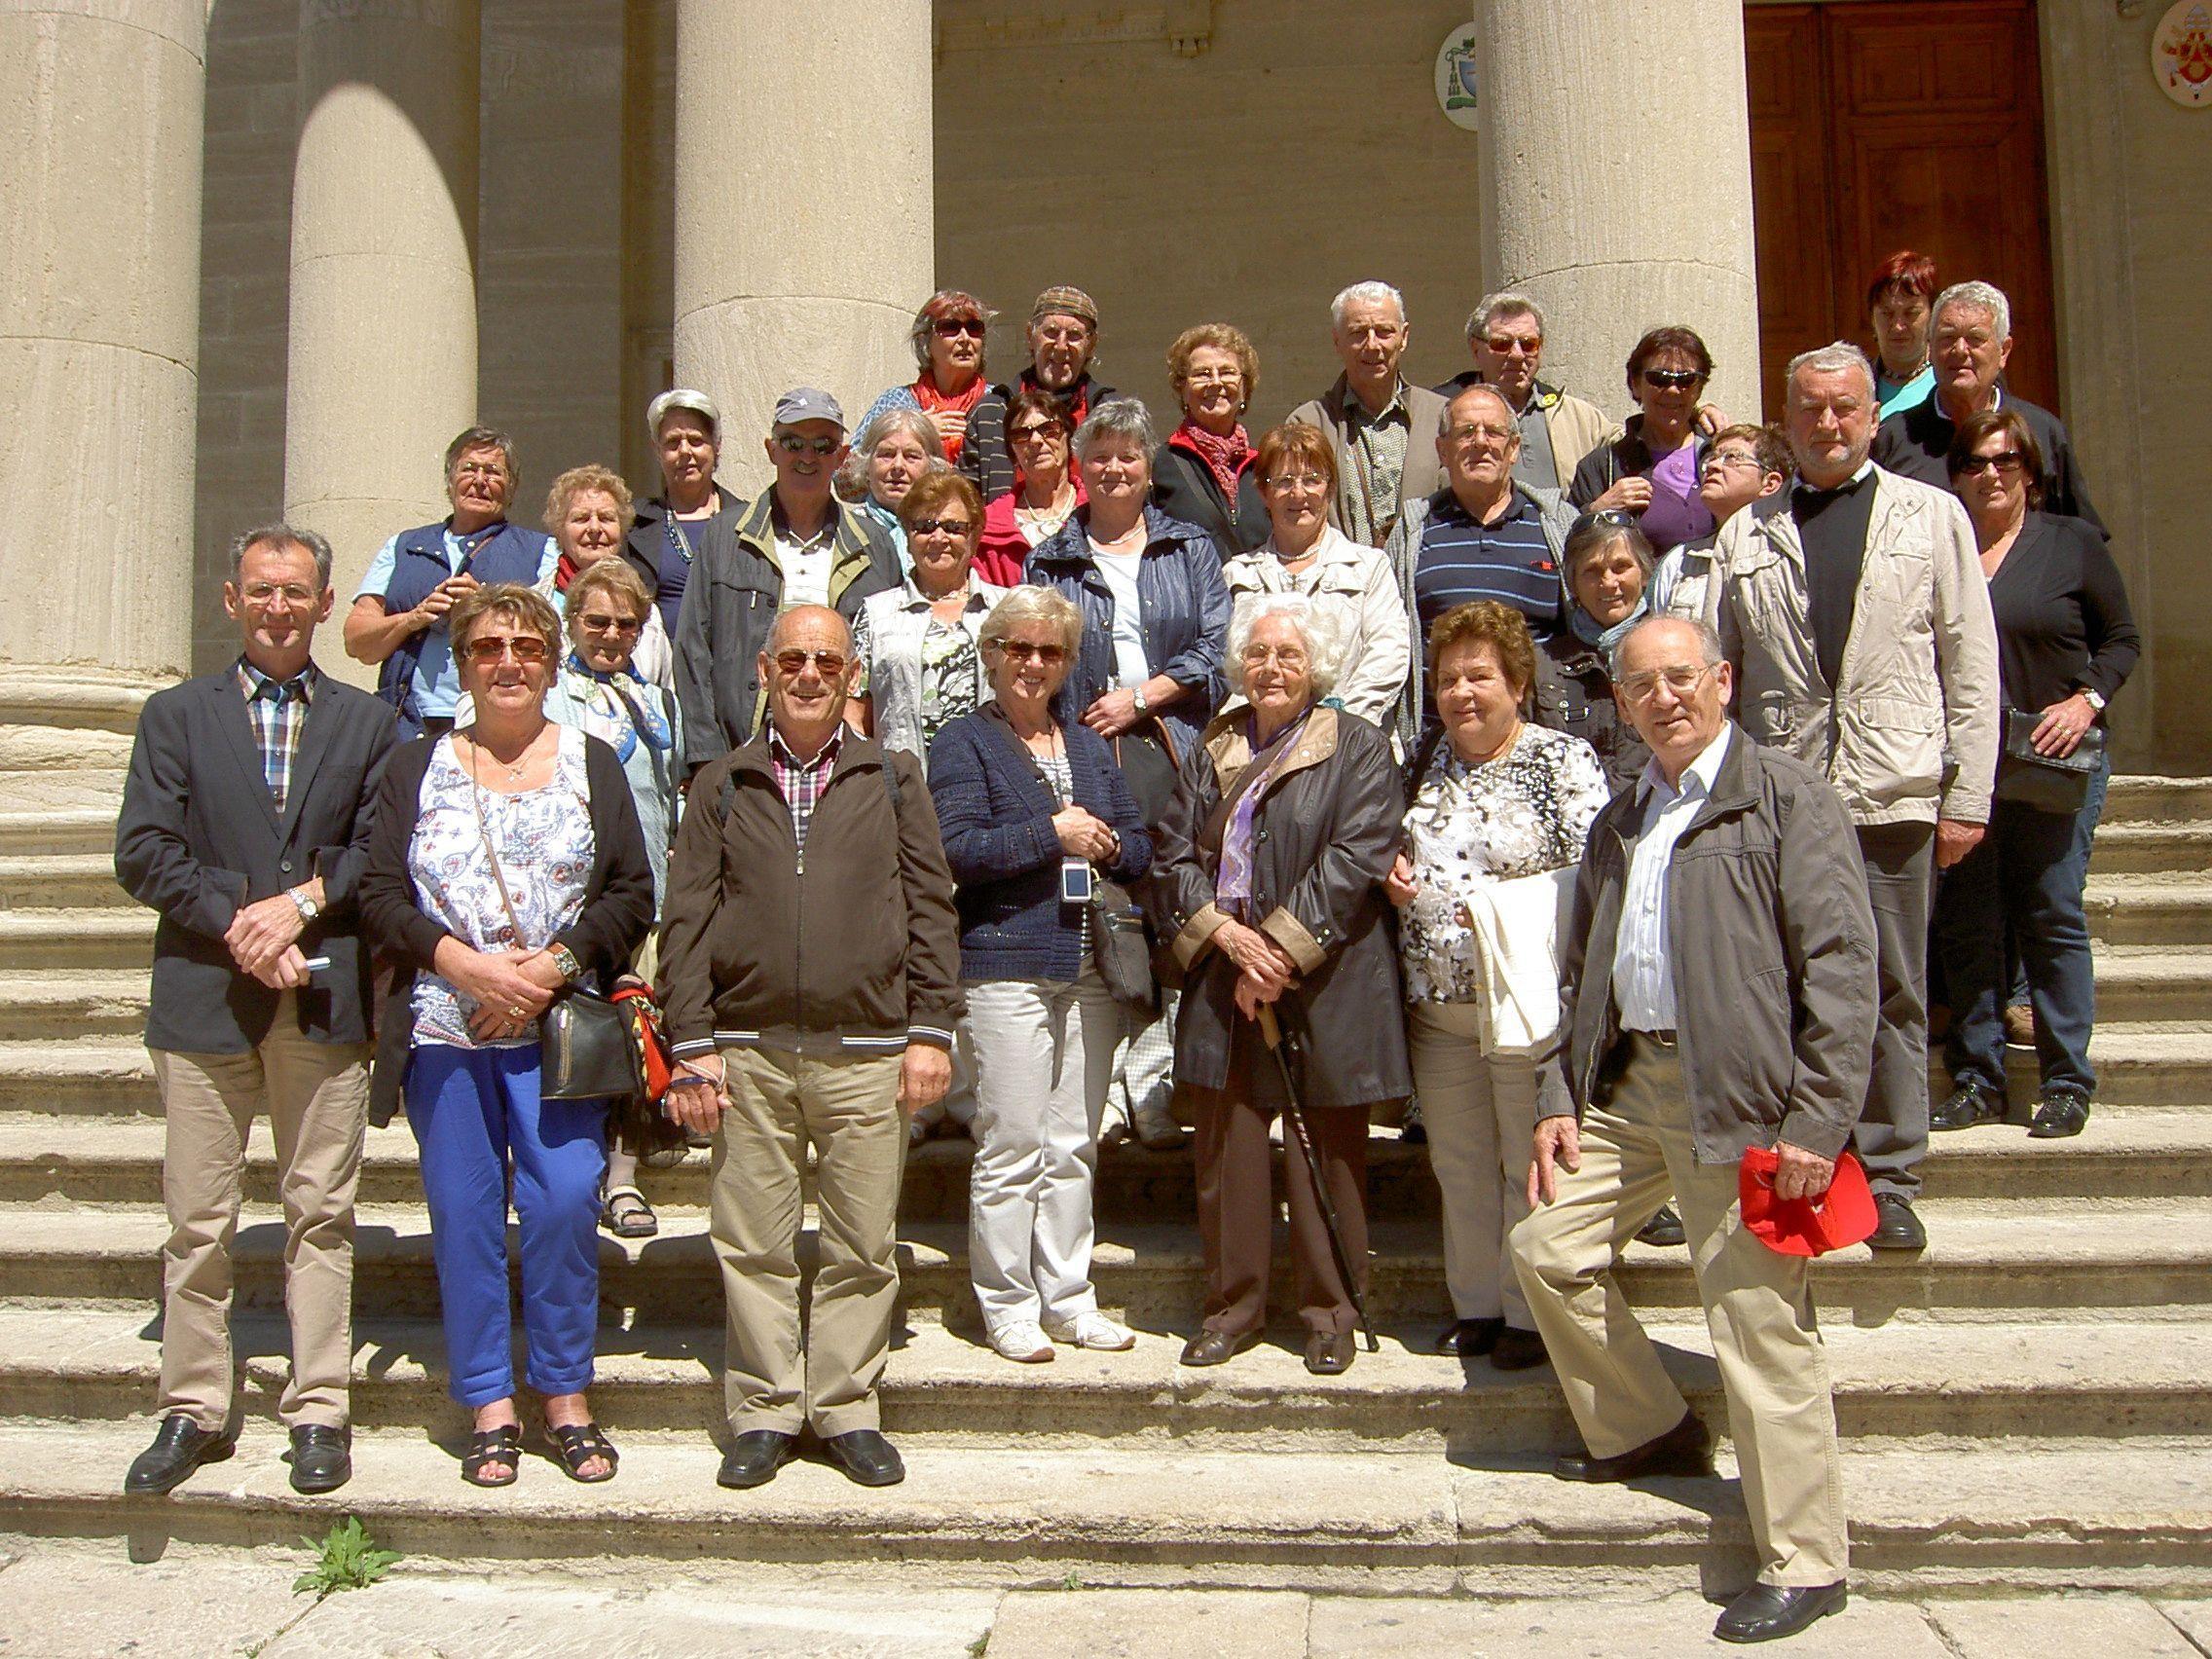 Der Seniorenbund Thüringen begab sich auf große Fahrt.